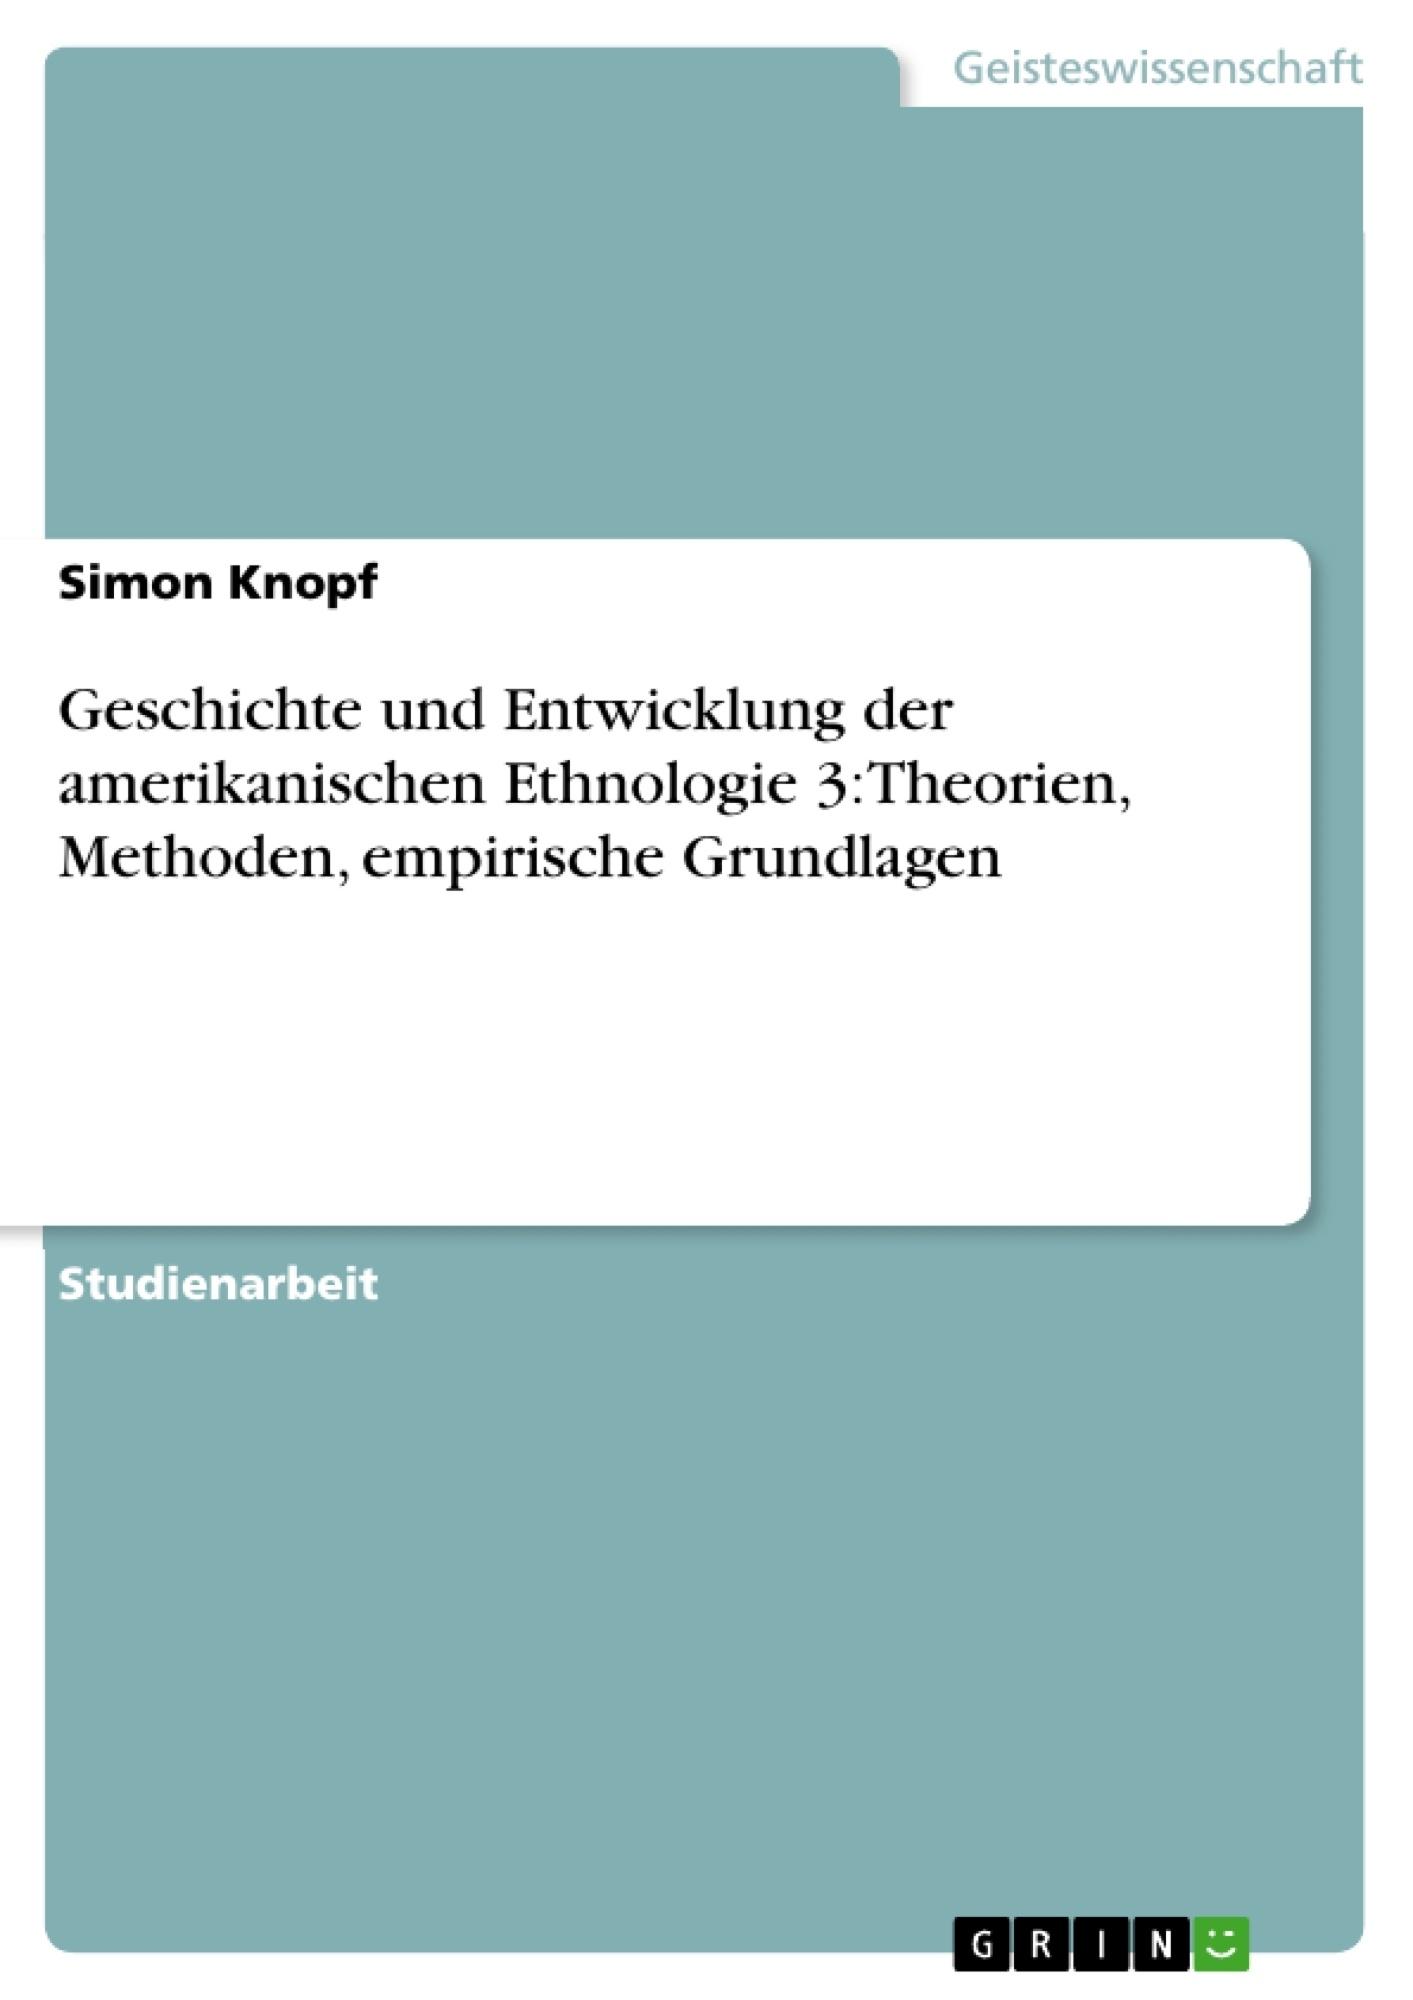 Titel: Geschichte und Entwicklung der amerikanischen Ethnologie 3: Theorien, Methoden, empirische Grundlagen